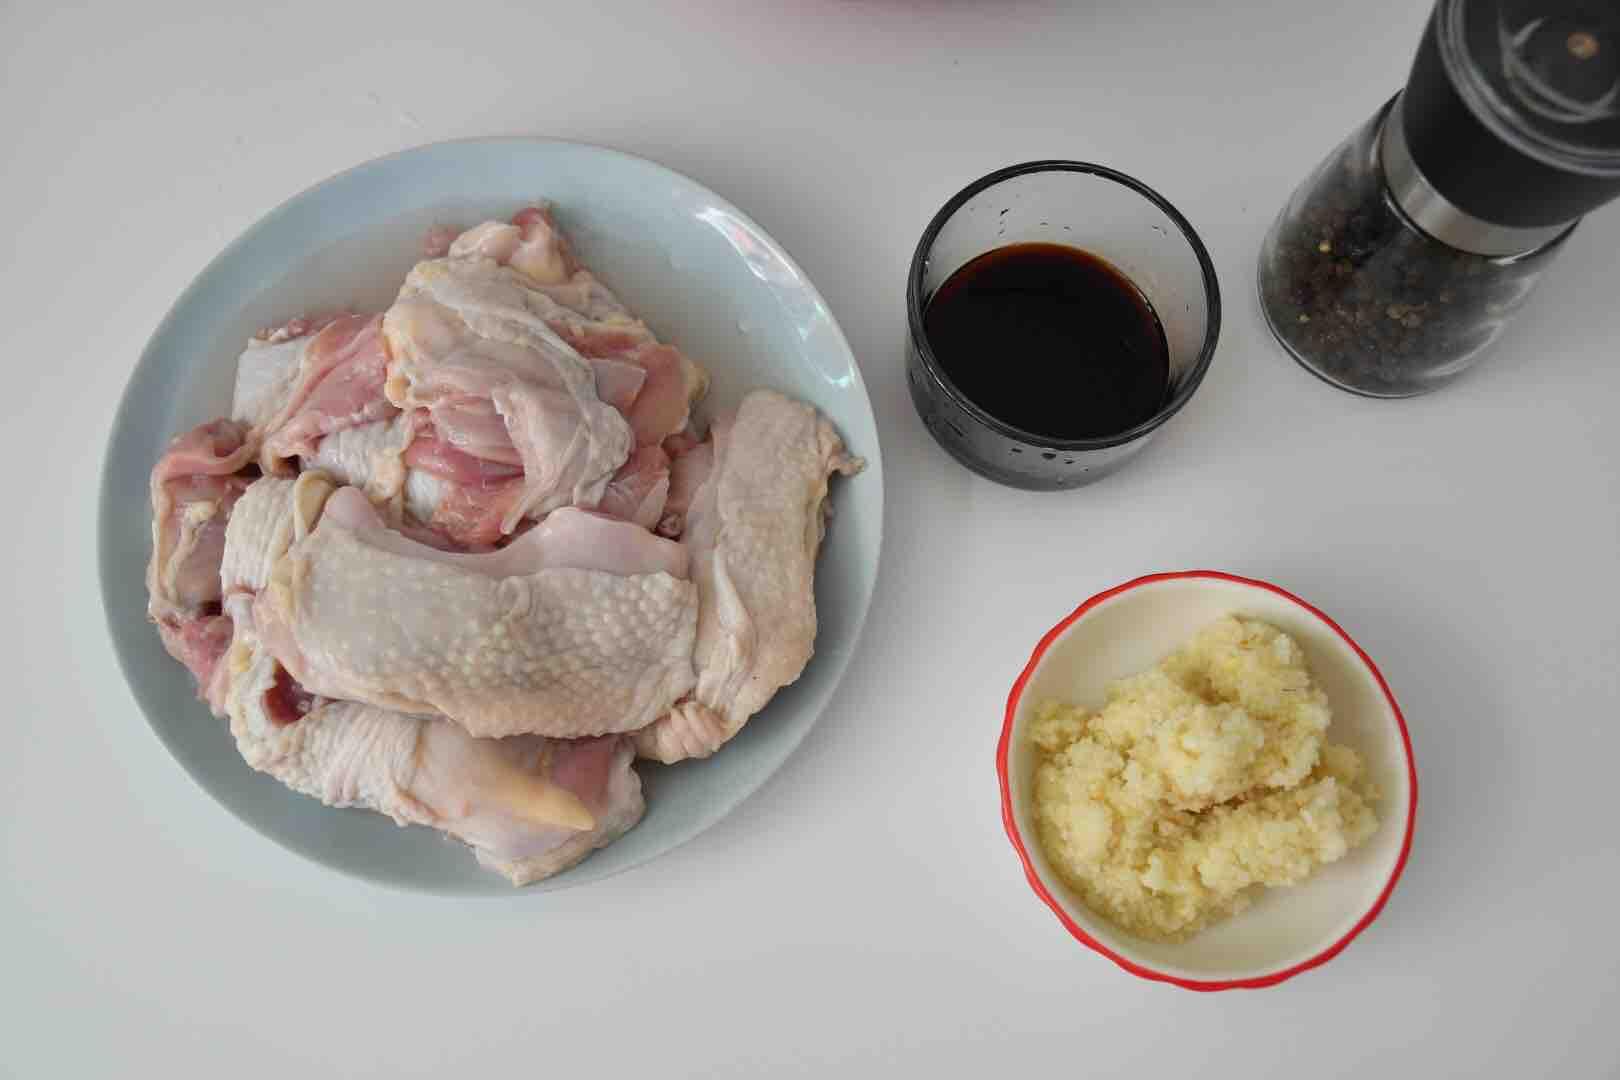 蒜香炸鸡块的做法图解